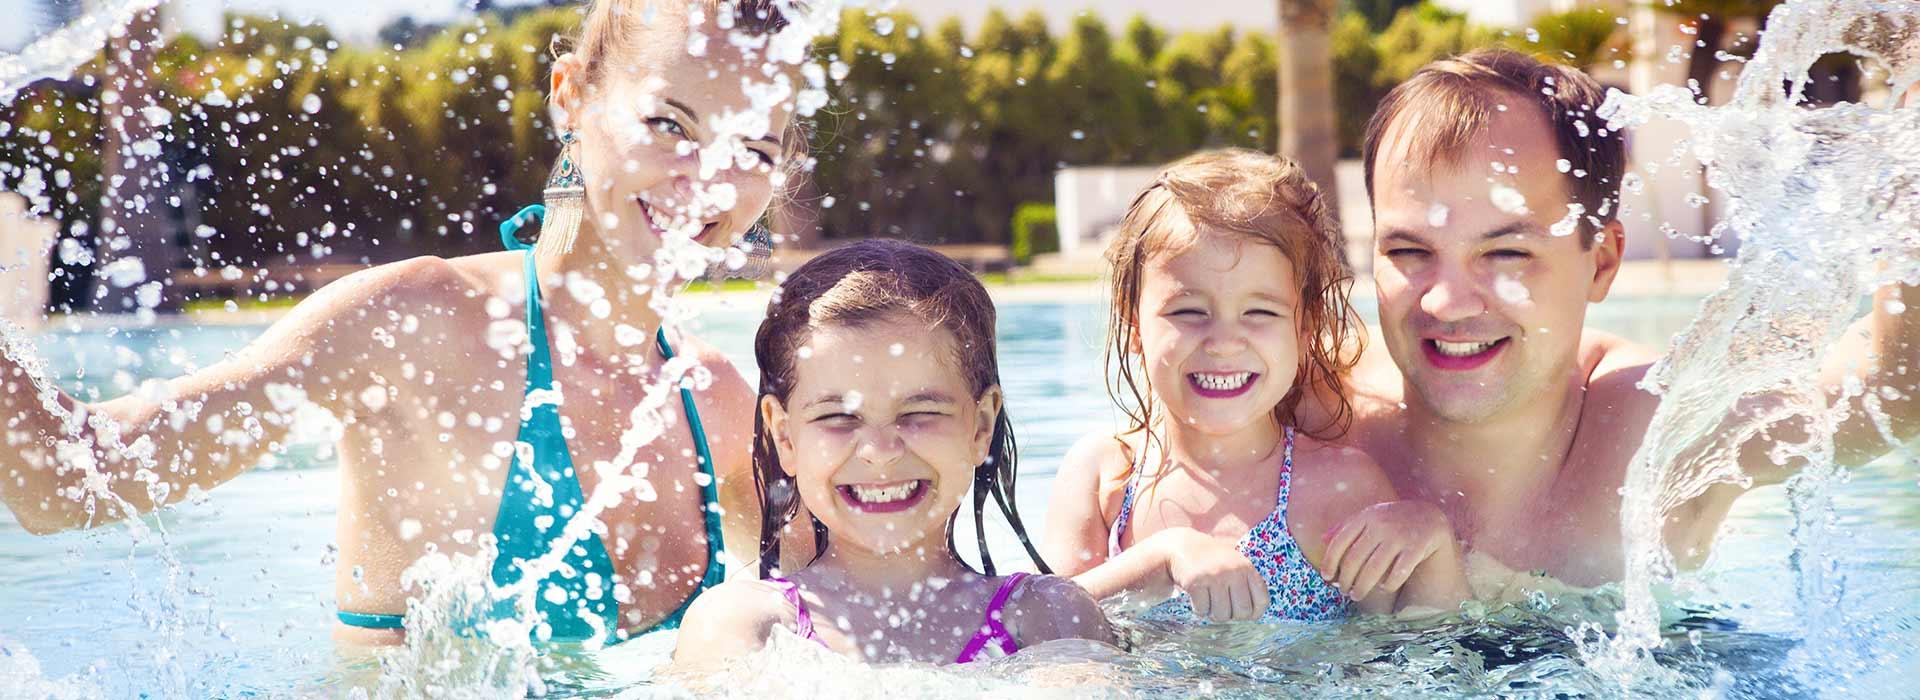 Une famille en train de rire, s'éclaboussant dans la piscine.